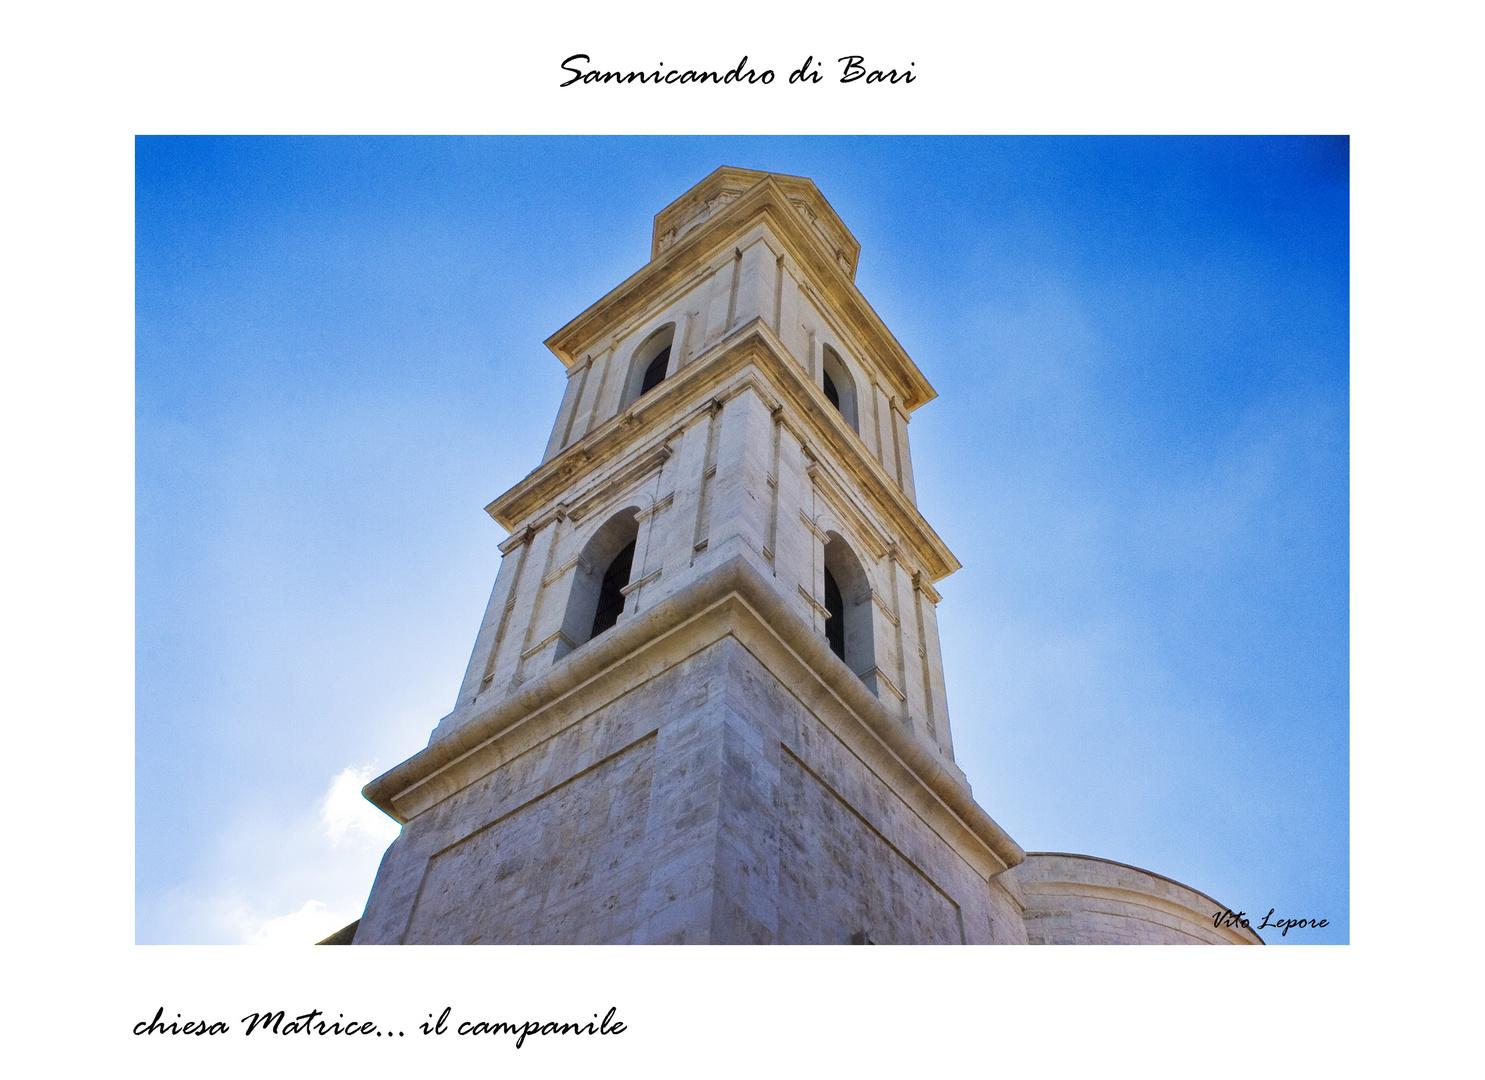 Sannicandro di Bari...Chiesa Matrice il campanile-2